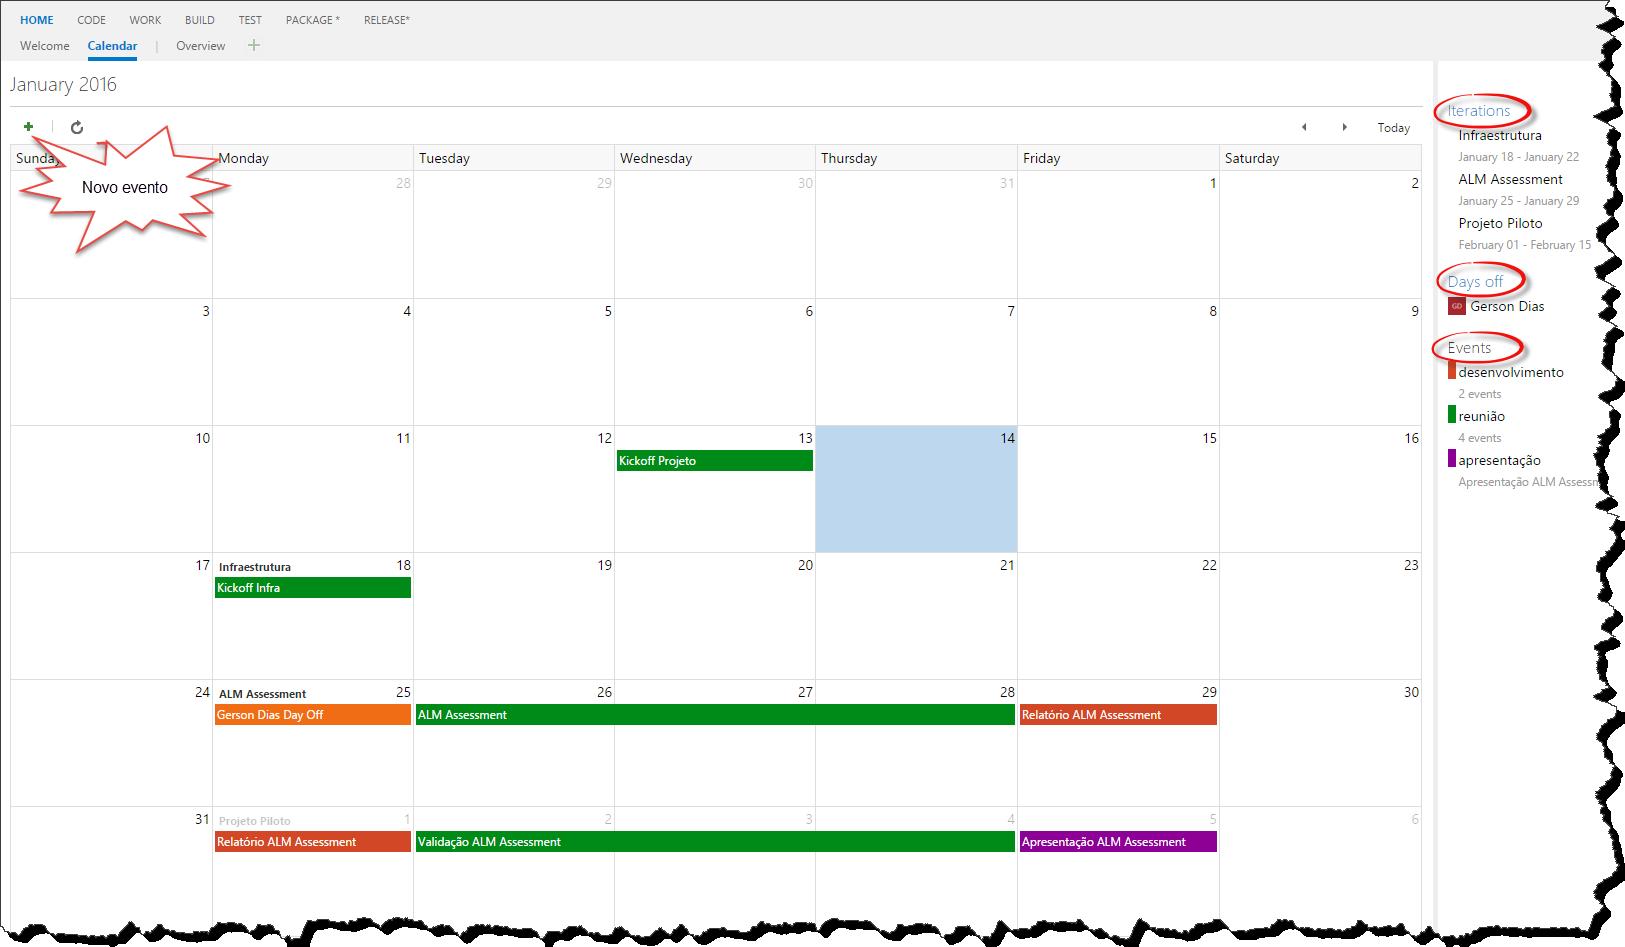 Organização do calendário do time